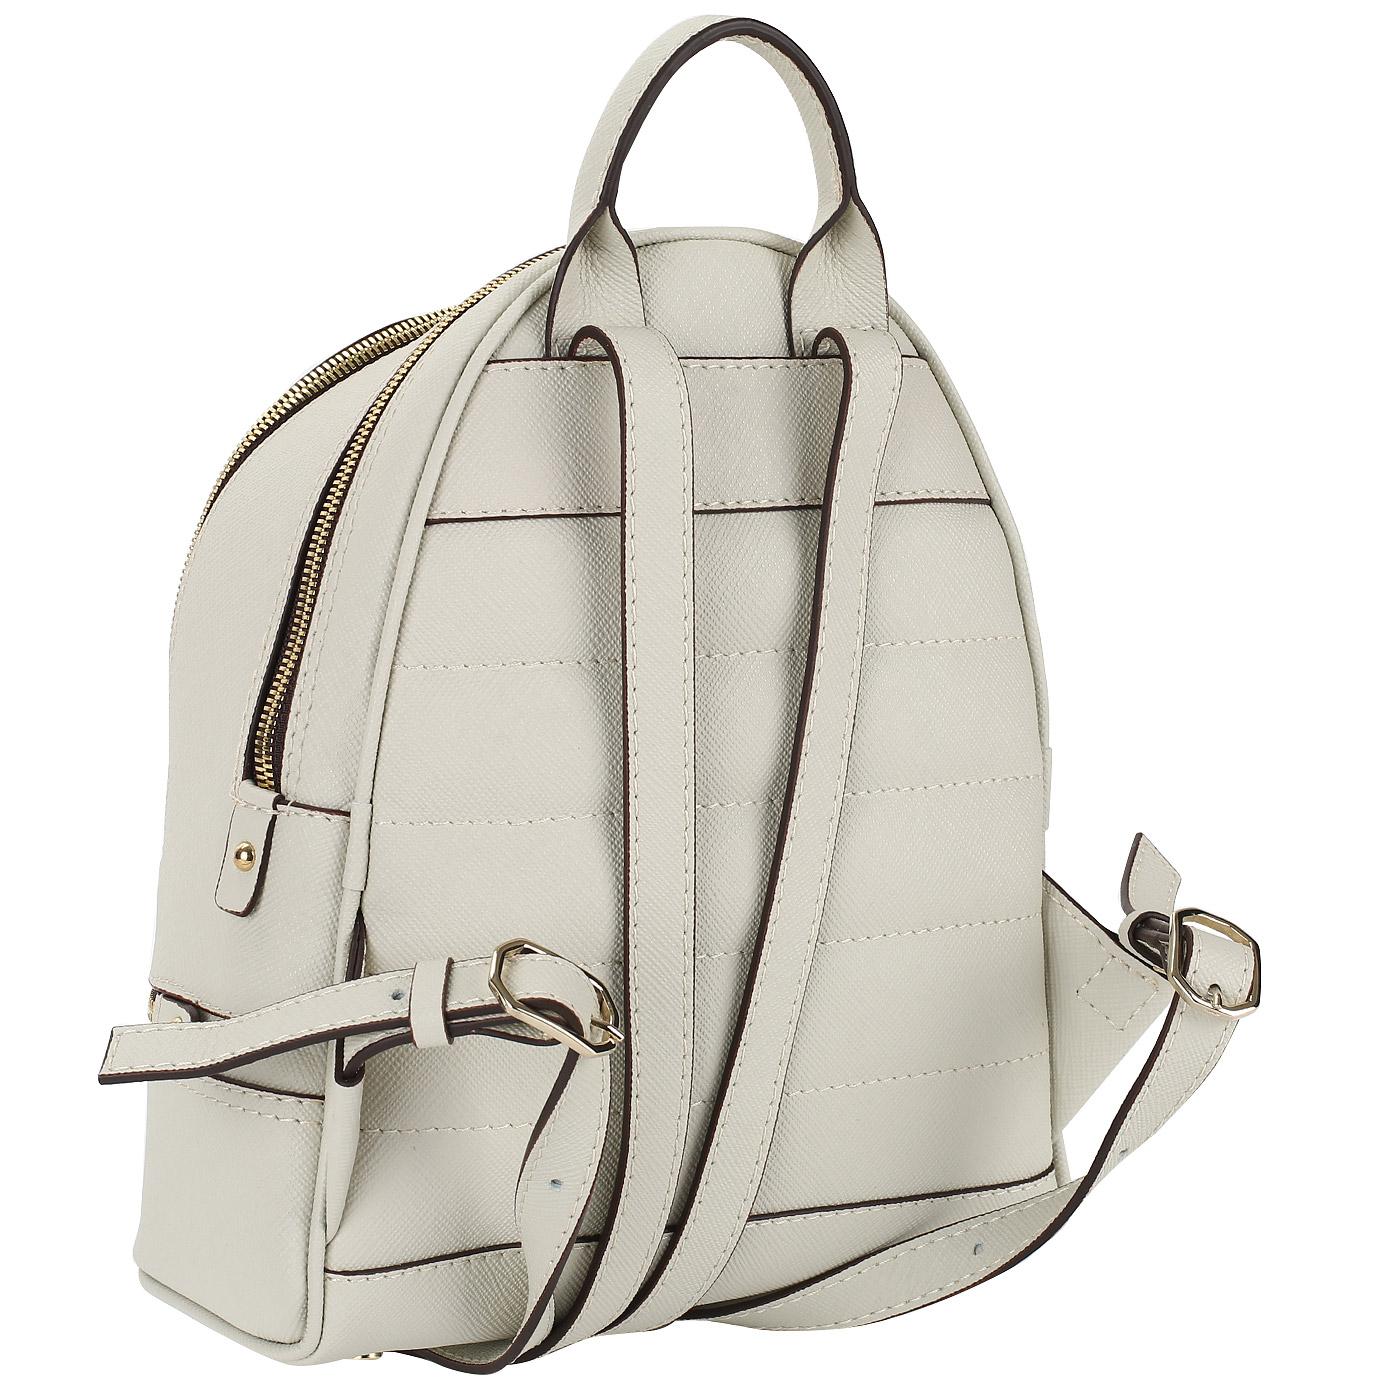 b5c51b16d12a Практичный и компактный женский городской рюкзак из натурального сафьяна,  устойчивого к влаге, царапинам и пятнам, послужит неплохой заменой  небольшой ...